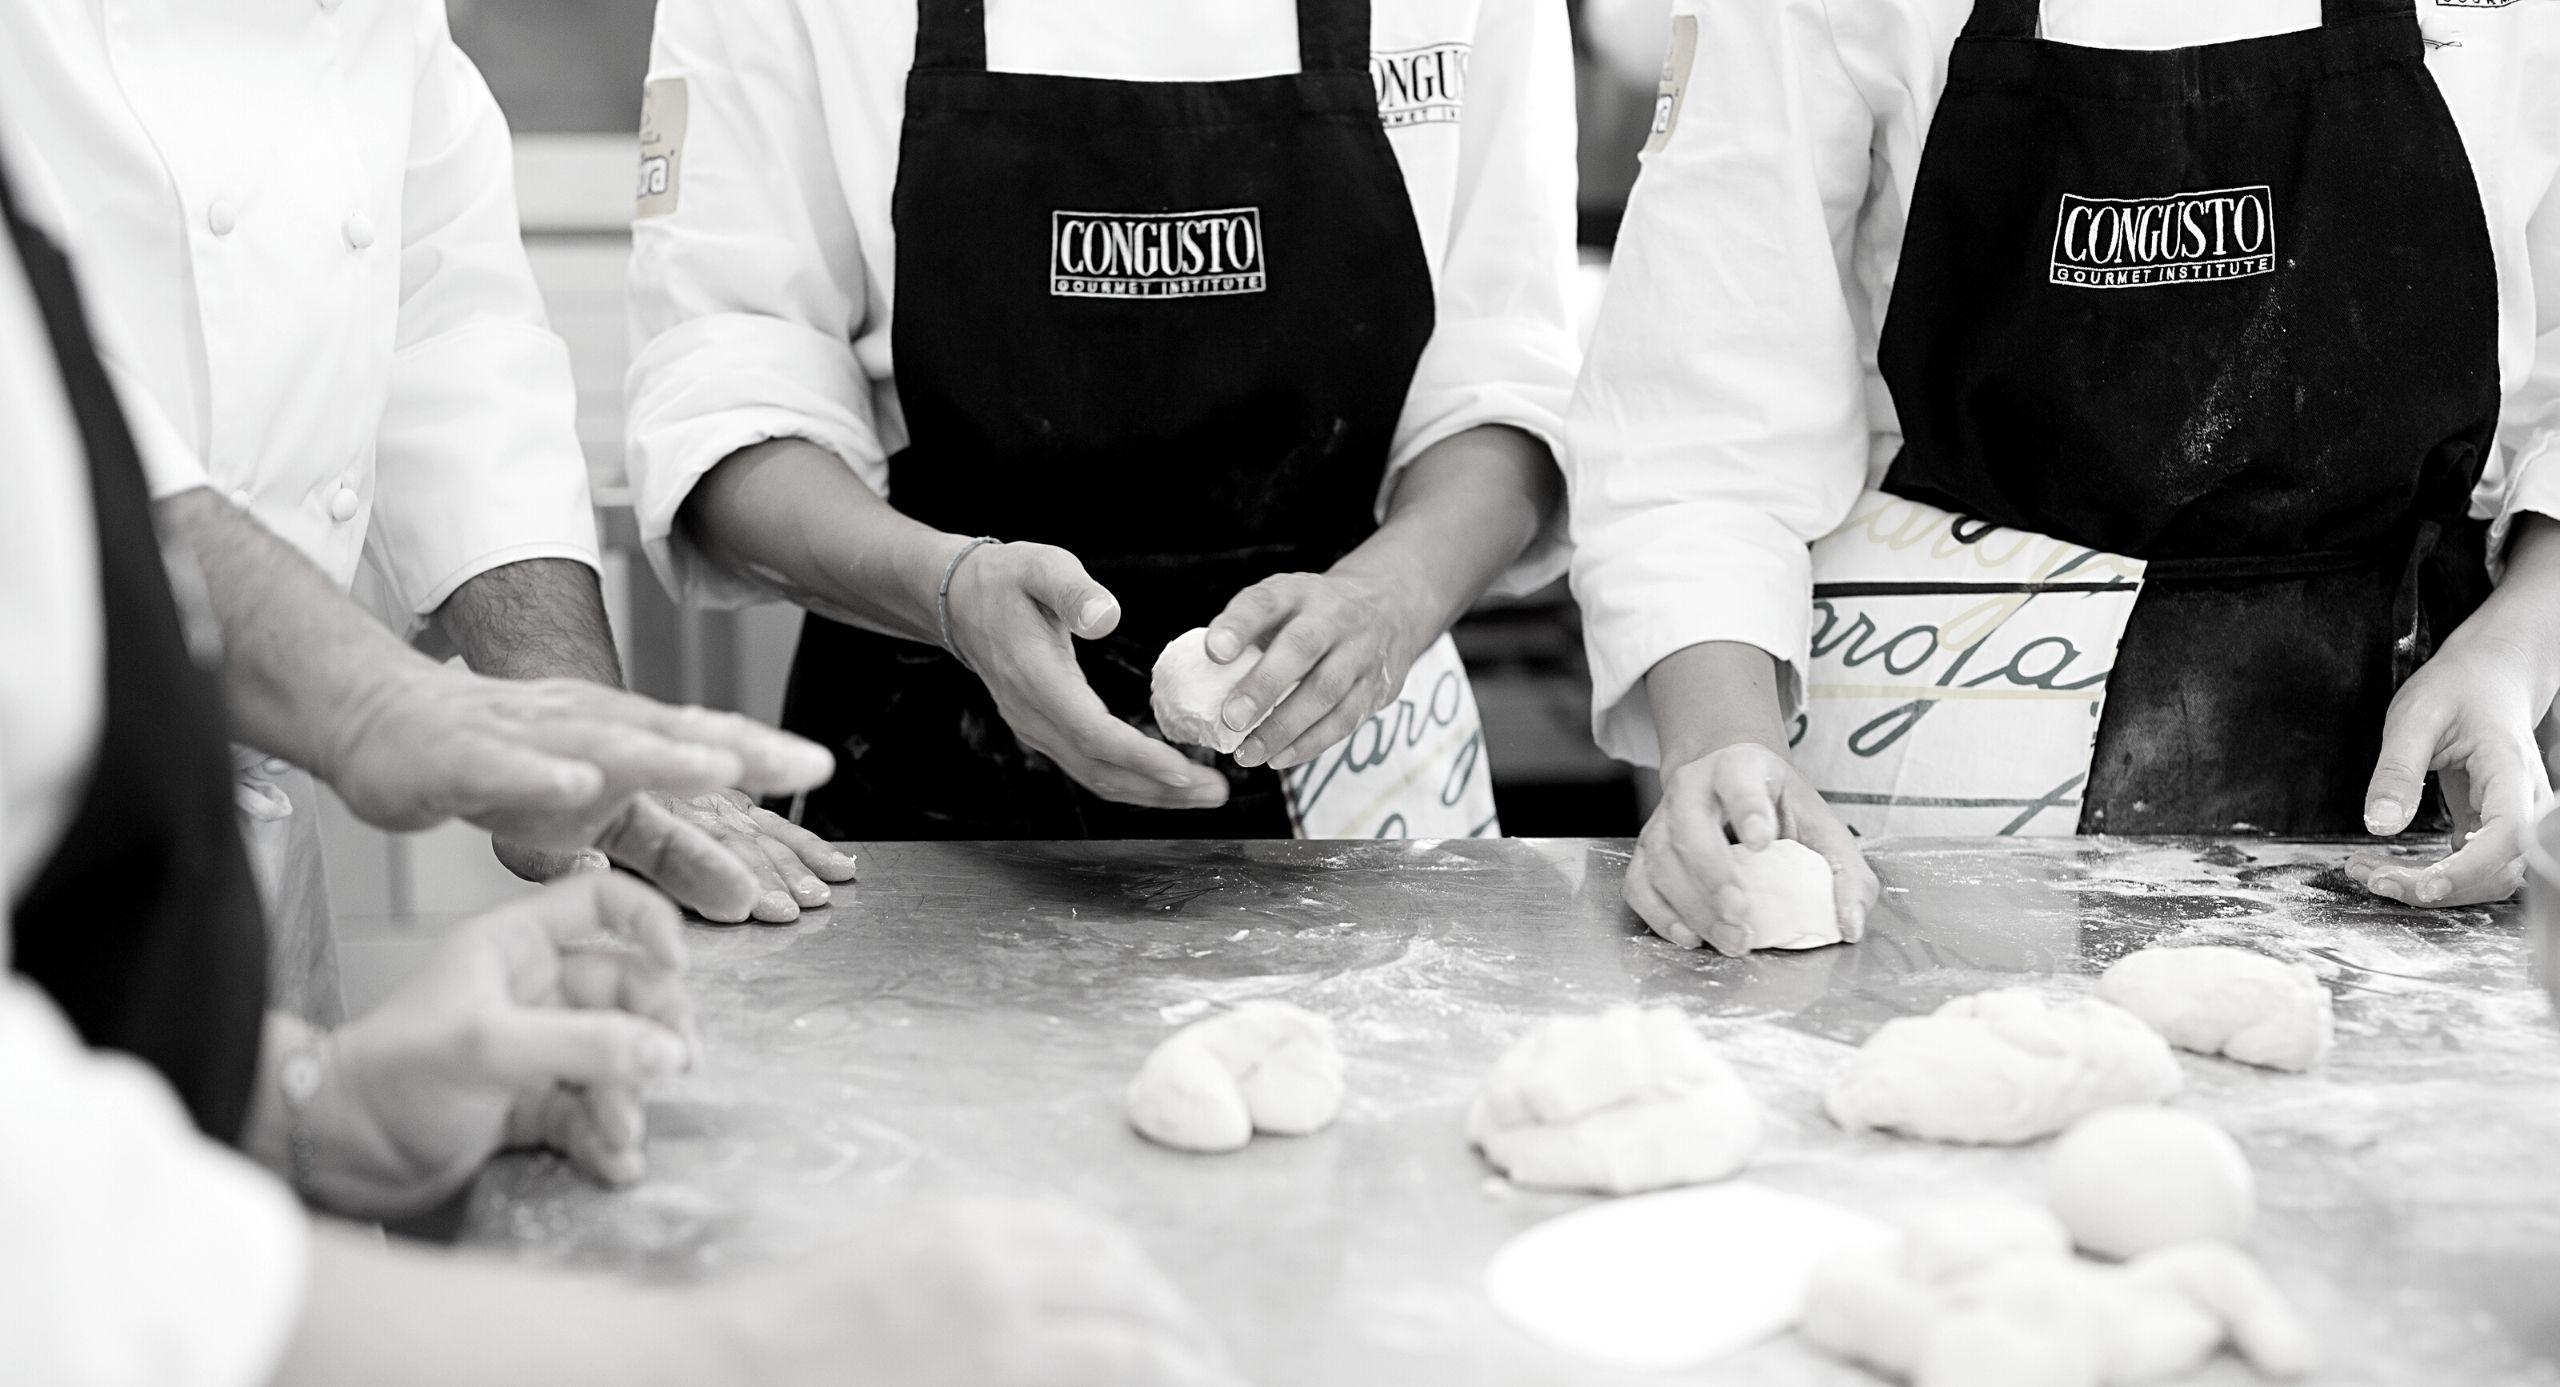 Corsi Di Cucina Amatoriali Per Principianti A Milano Congusto